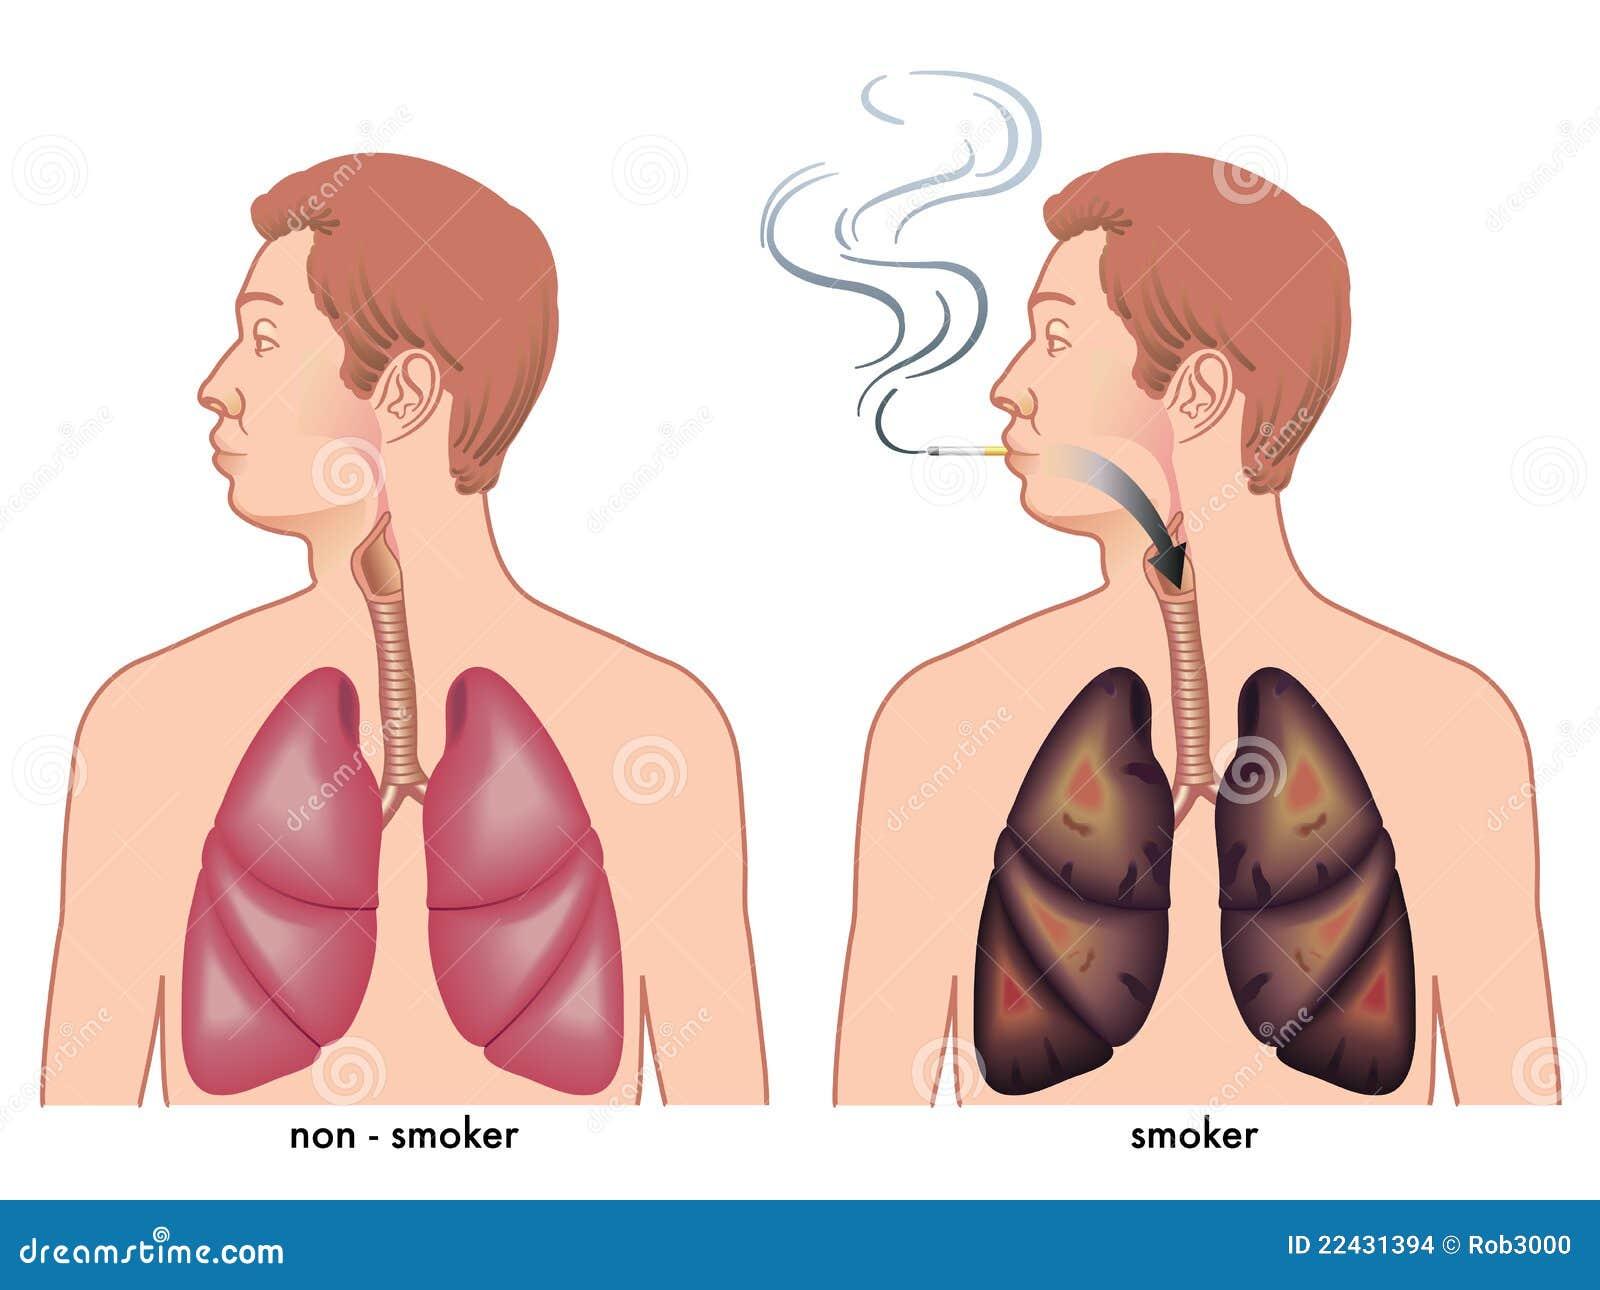 Der Artikel die leichte Weise, die Methode allena karra Rauchen aufzugeben